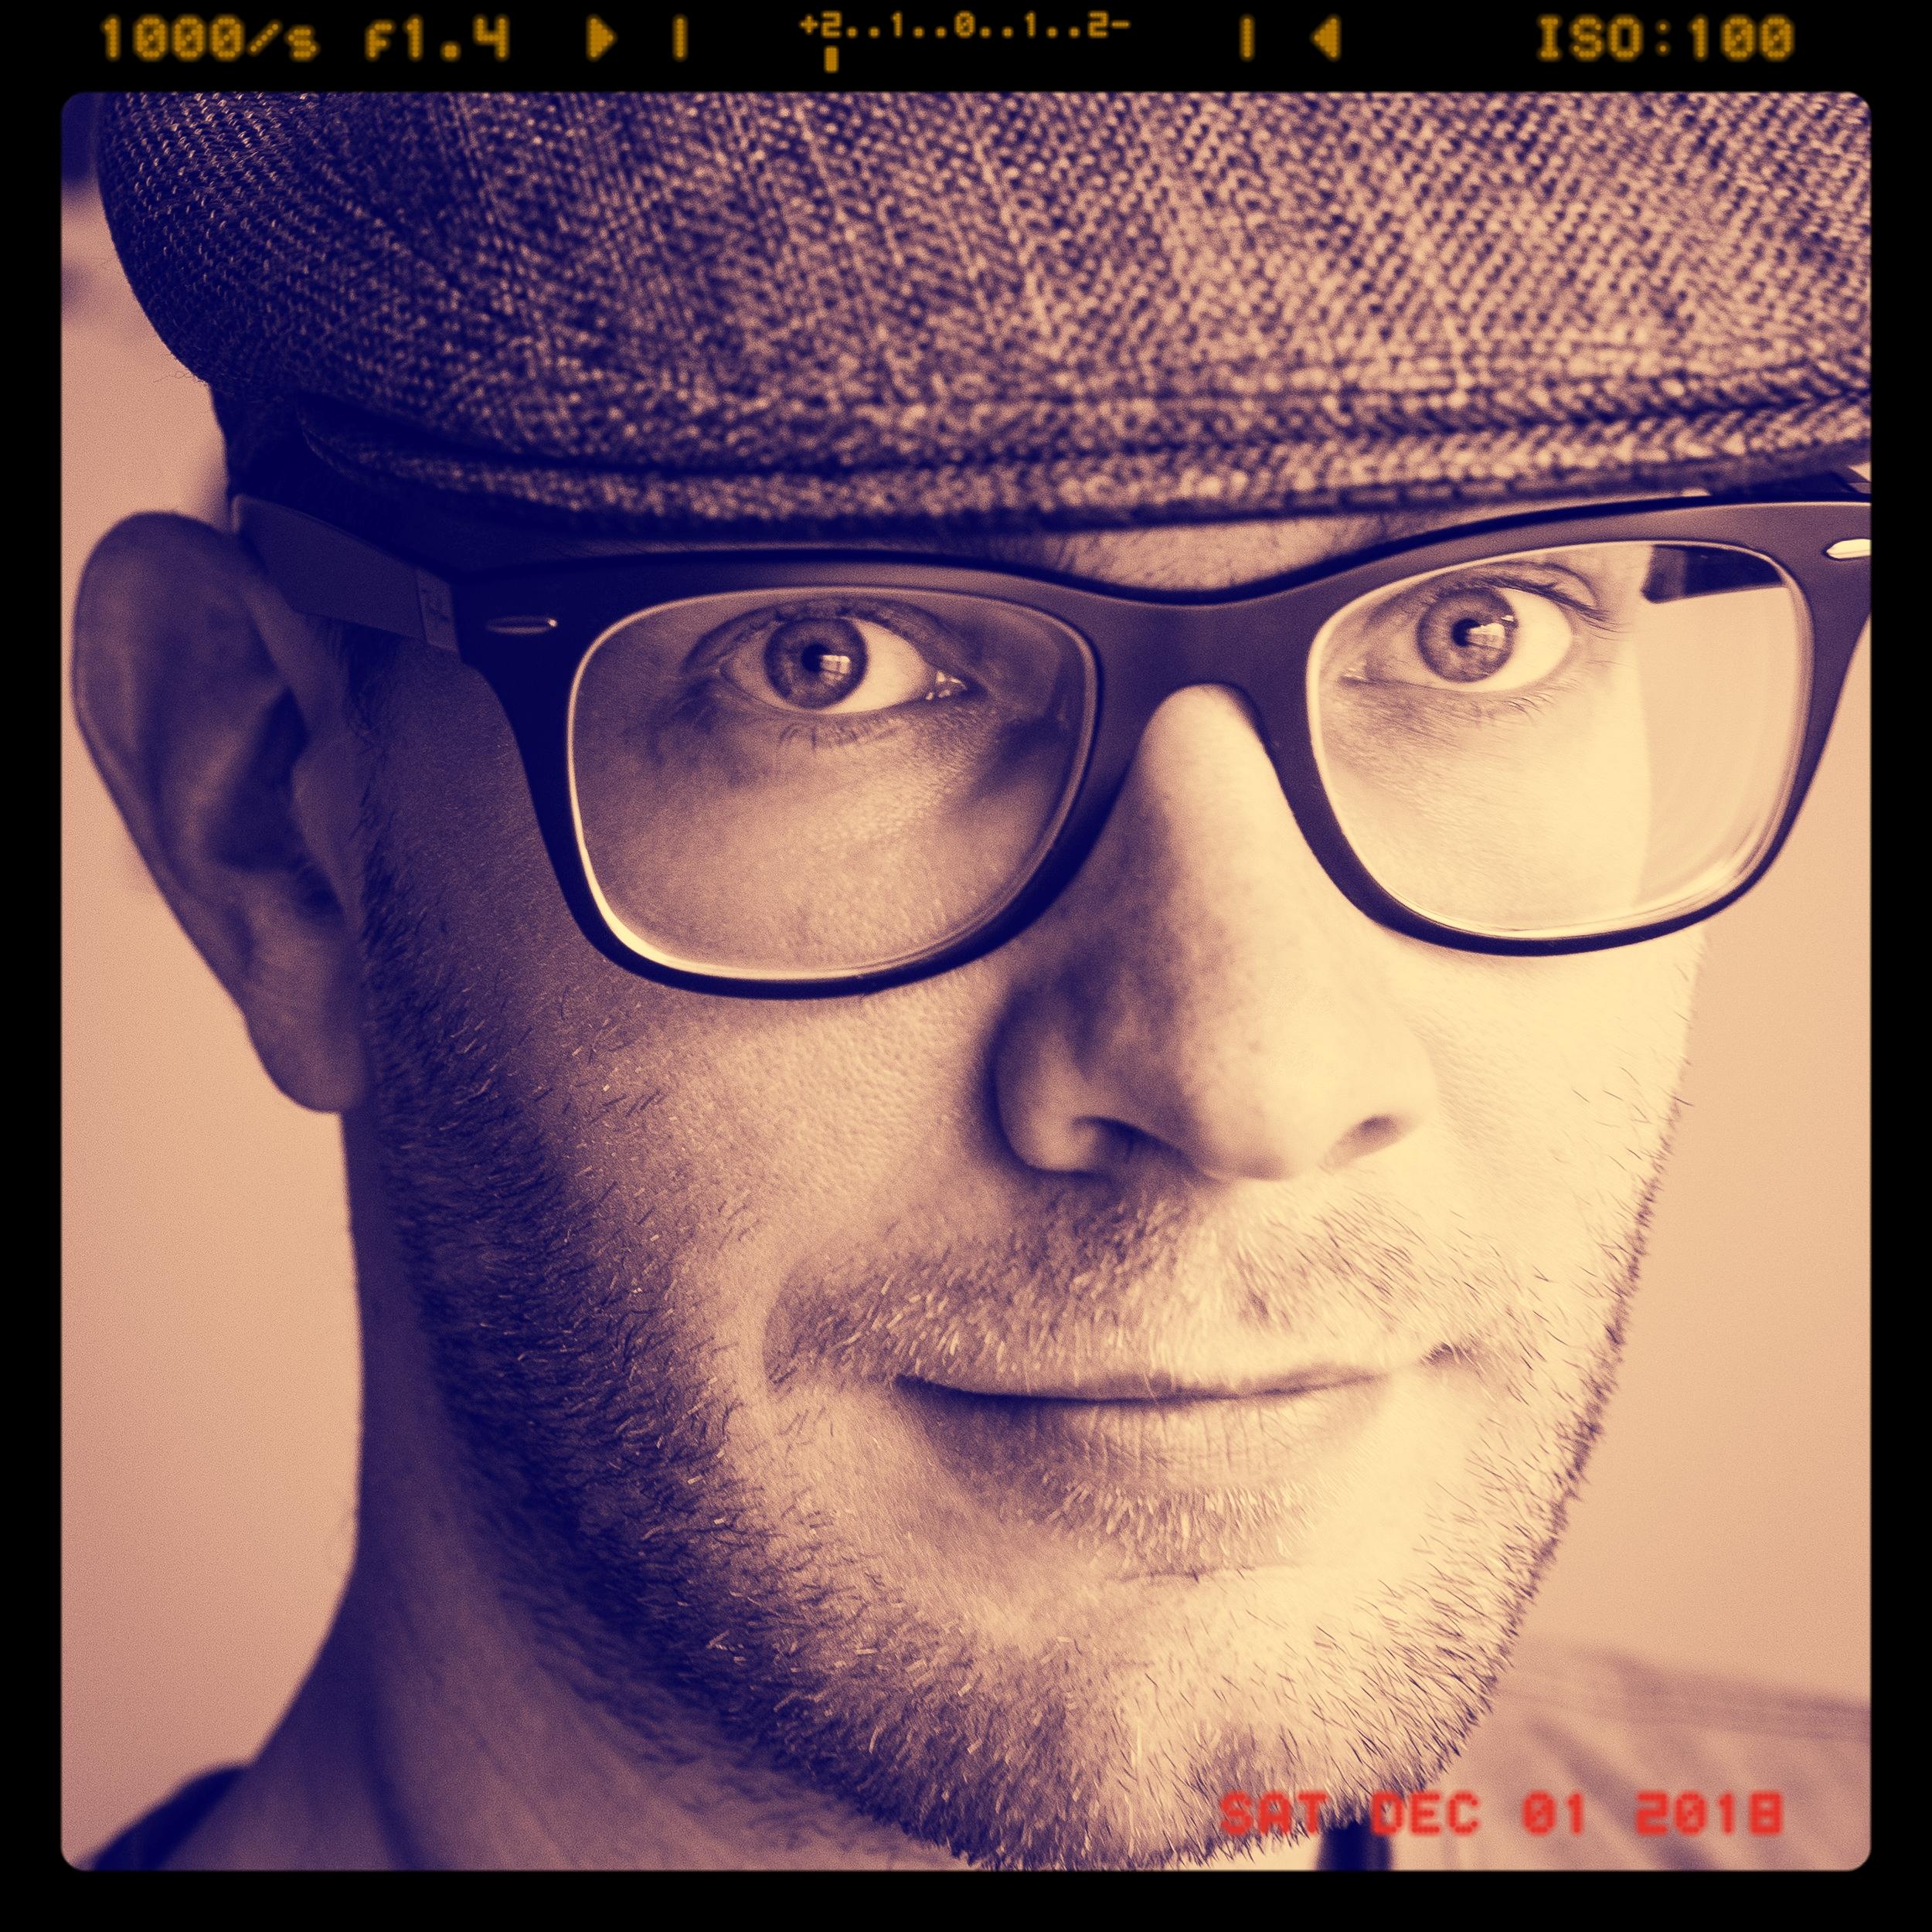 Haje Jan Kamps - July 2015 - Square - HD.jpg